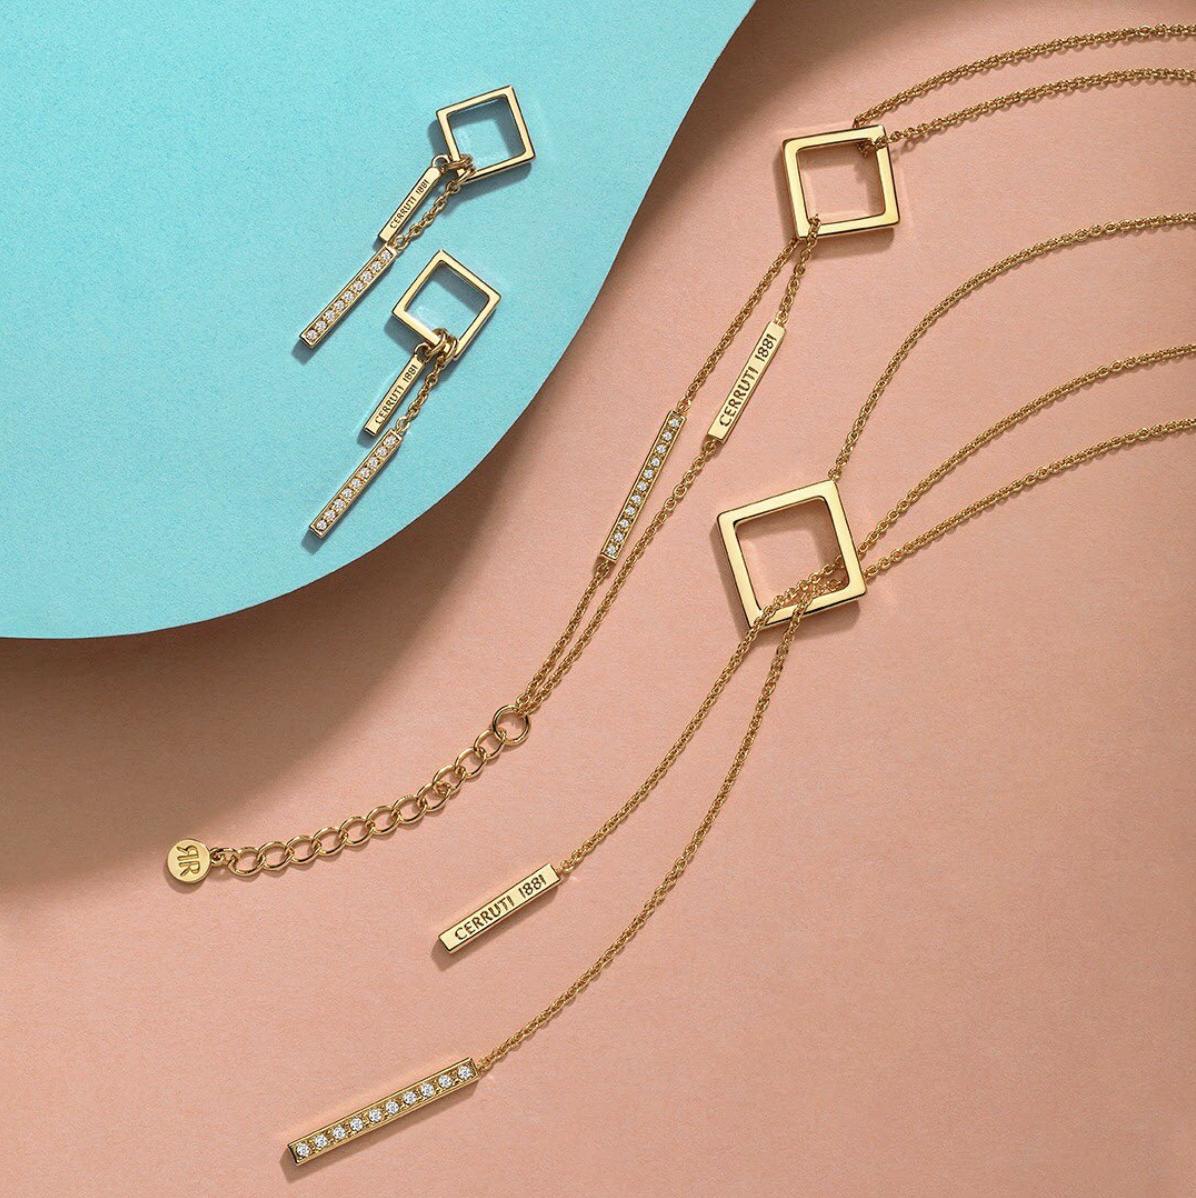 rodolphedesign bijoux cerruti 1881 doré à motif géométriques